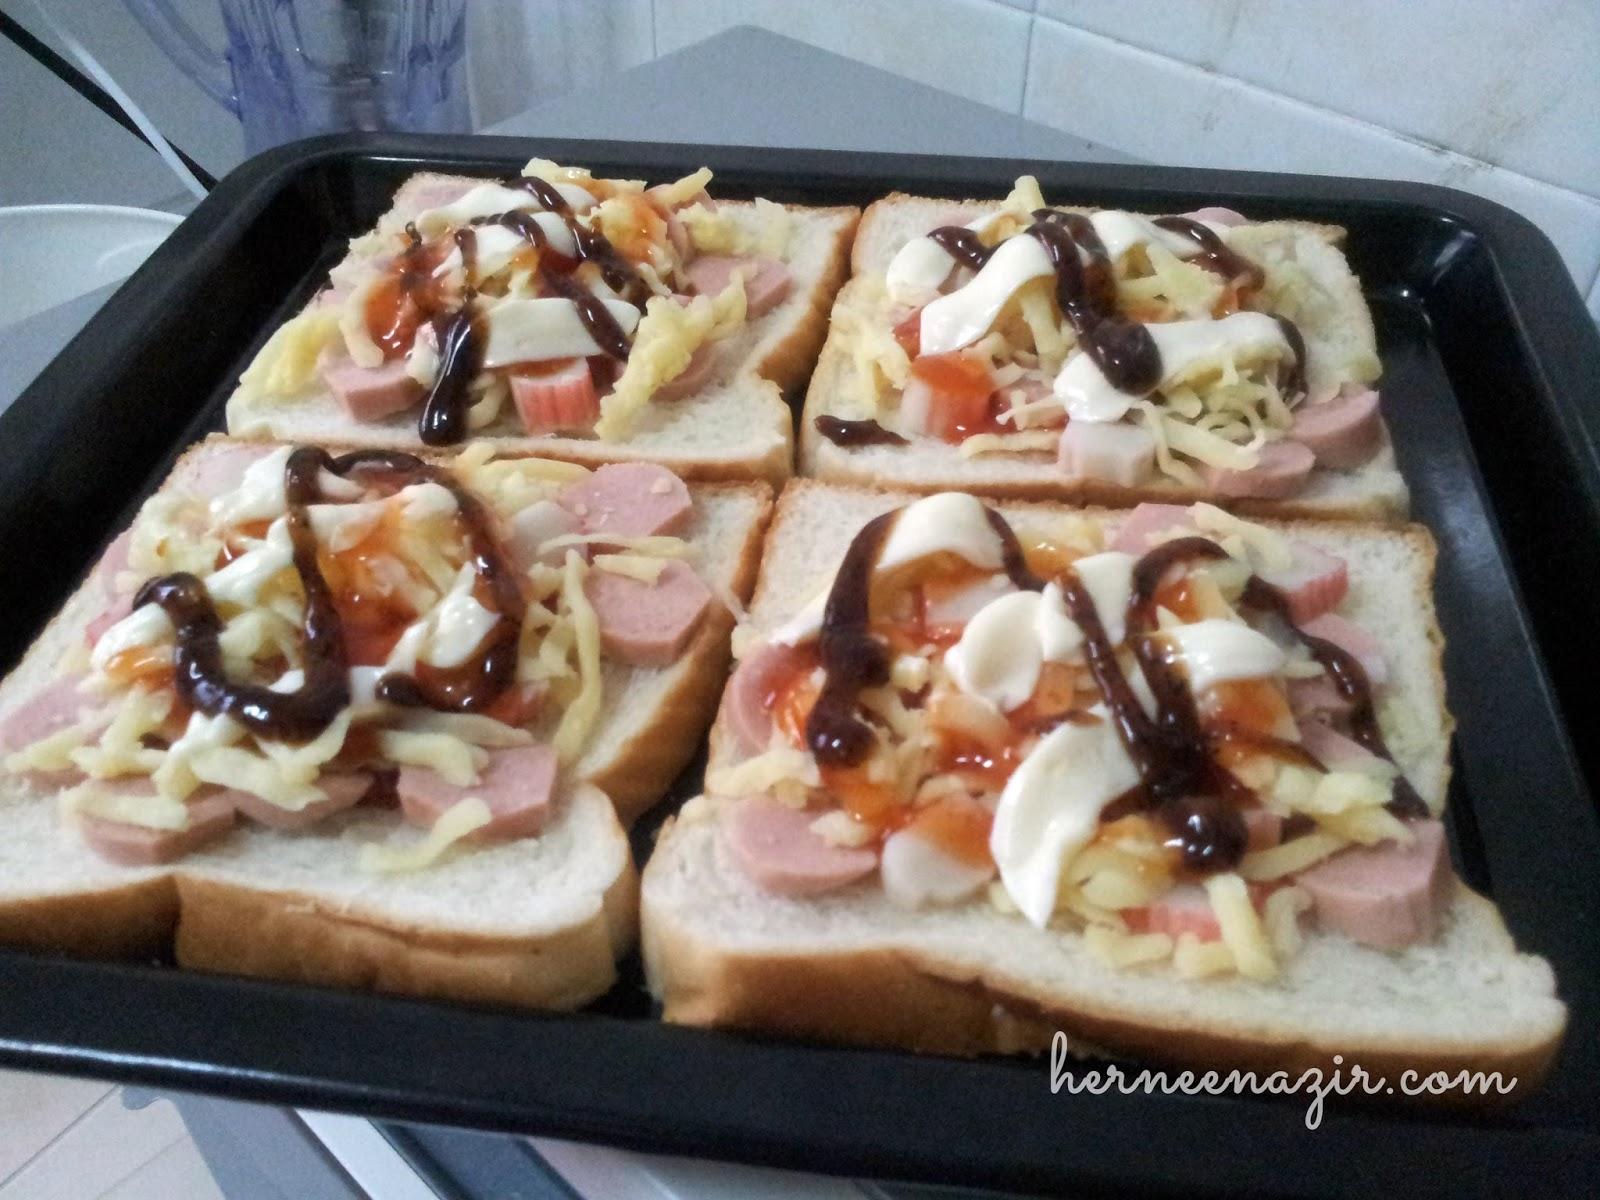 Ddhn Resepi Homemade Pizza Roti Gardenia Yang Mudah Dan